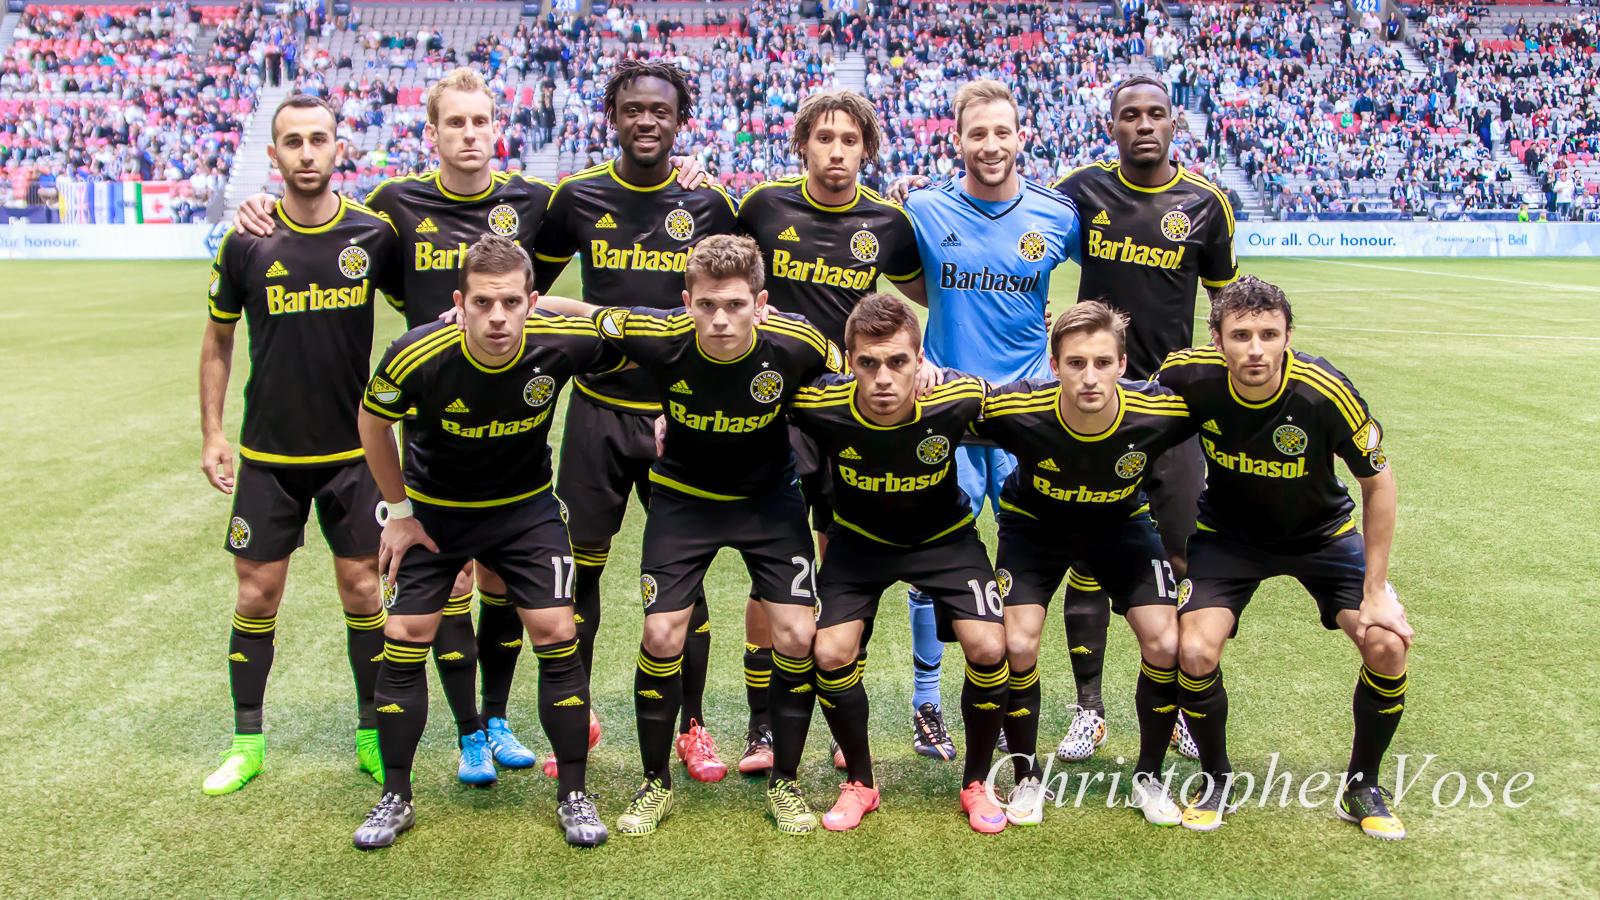 2015-04-08 Columbus Crew SC.jpg